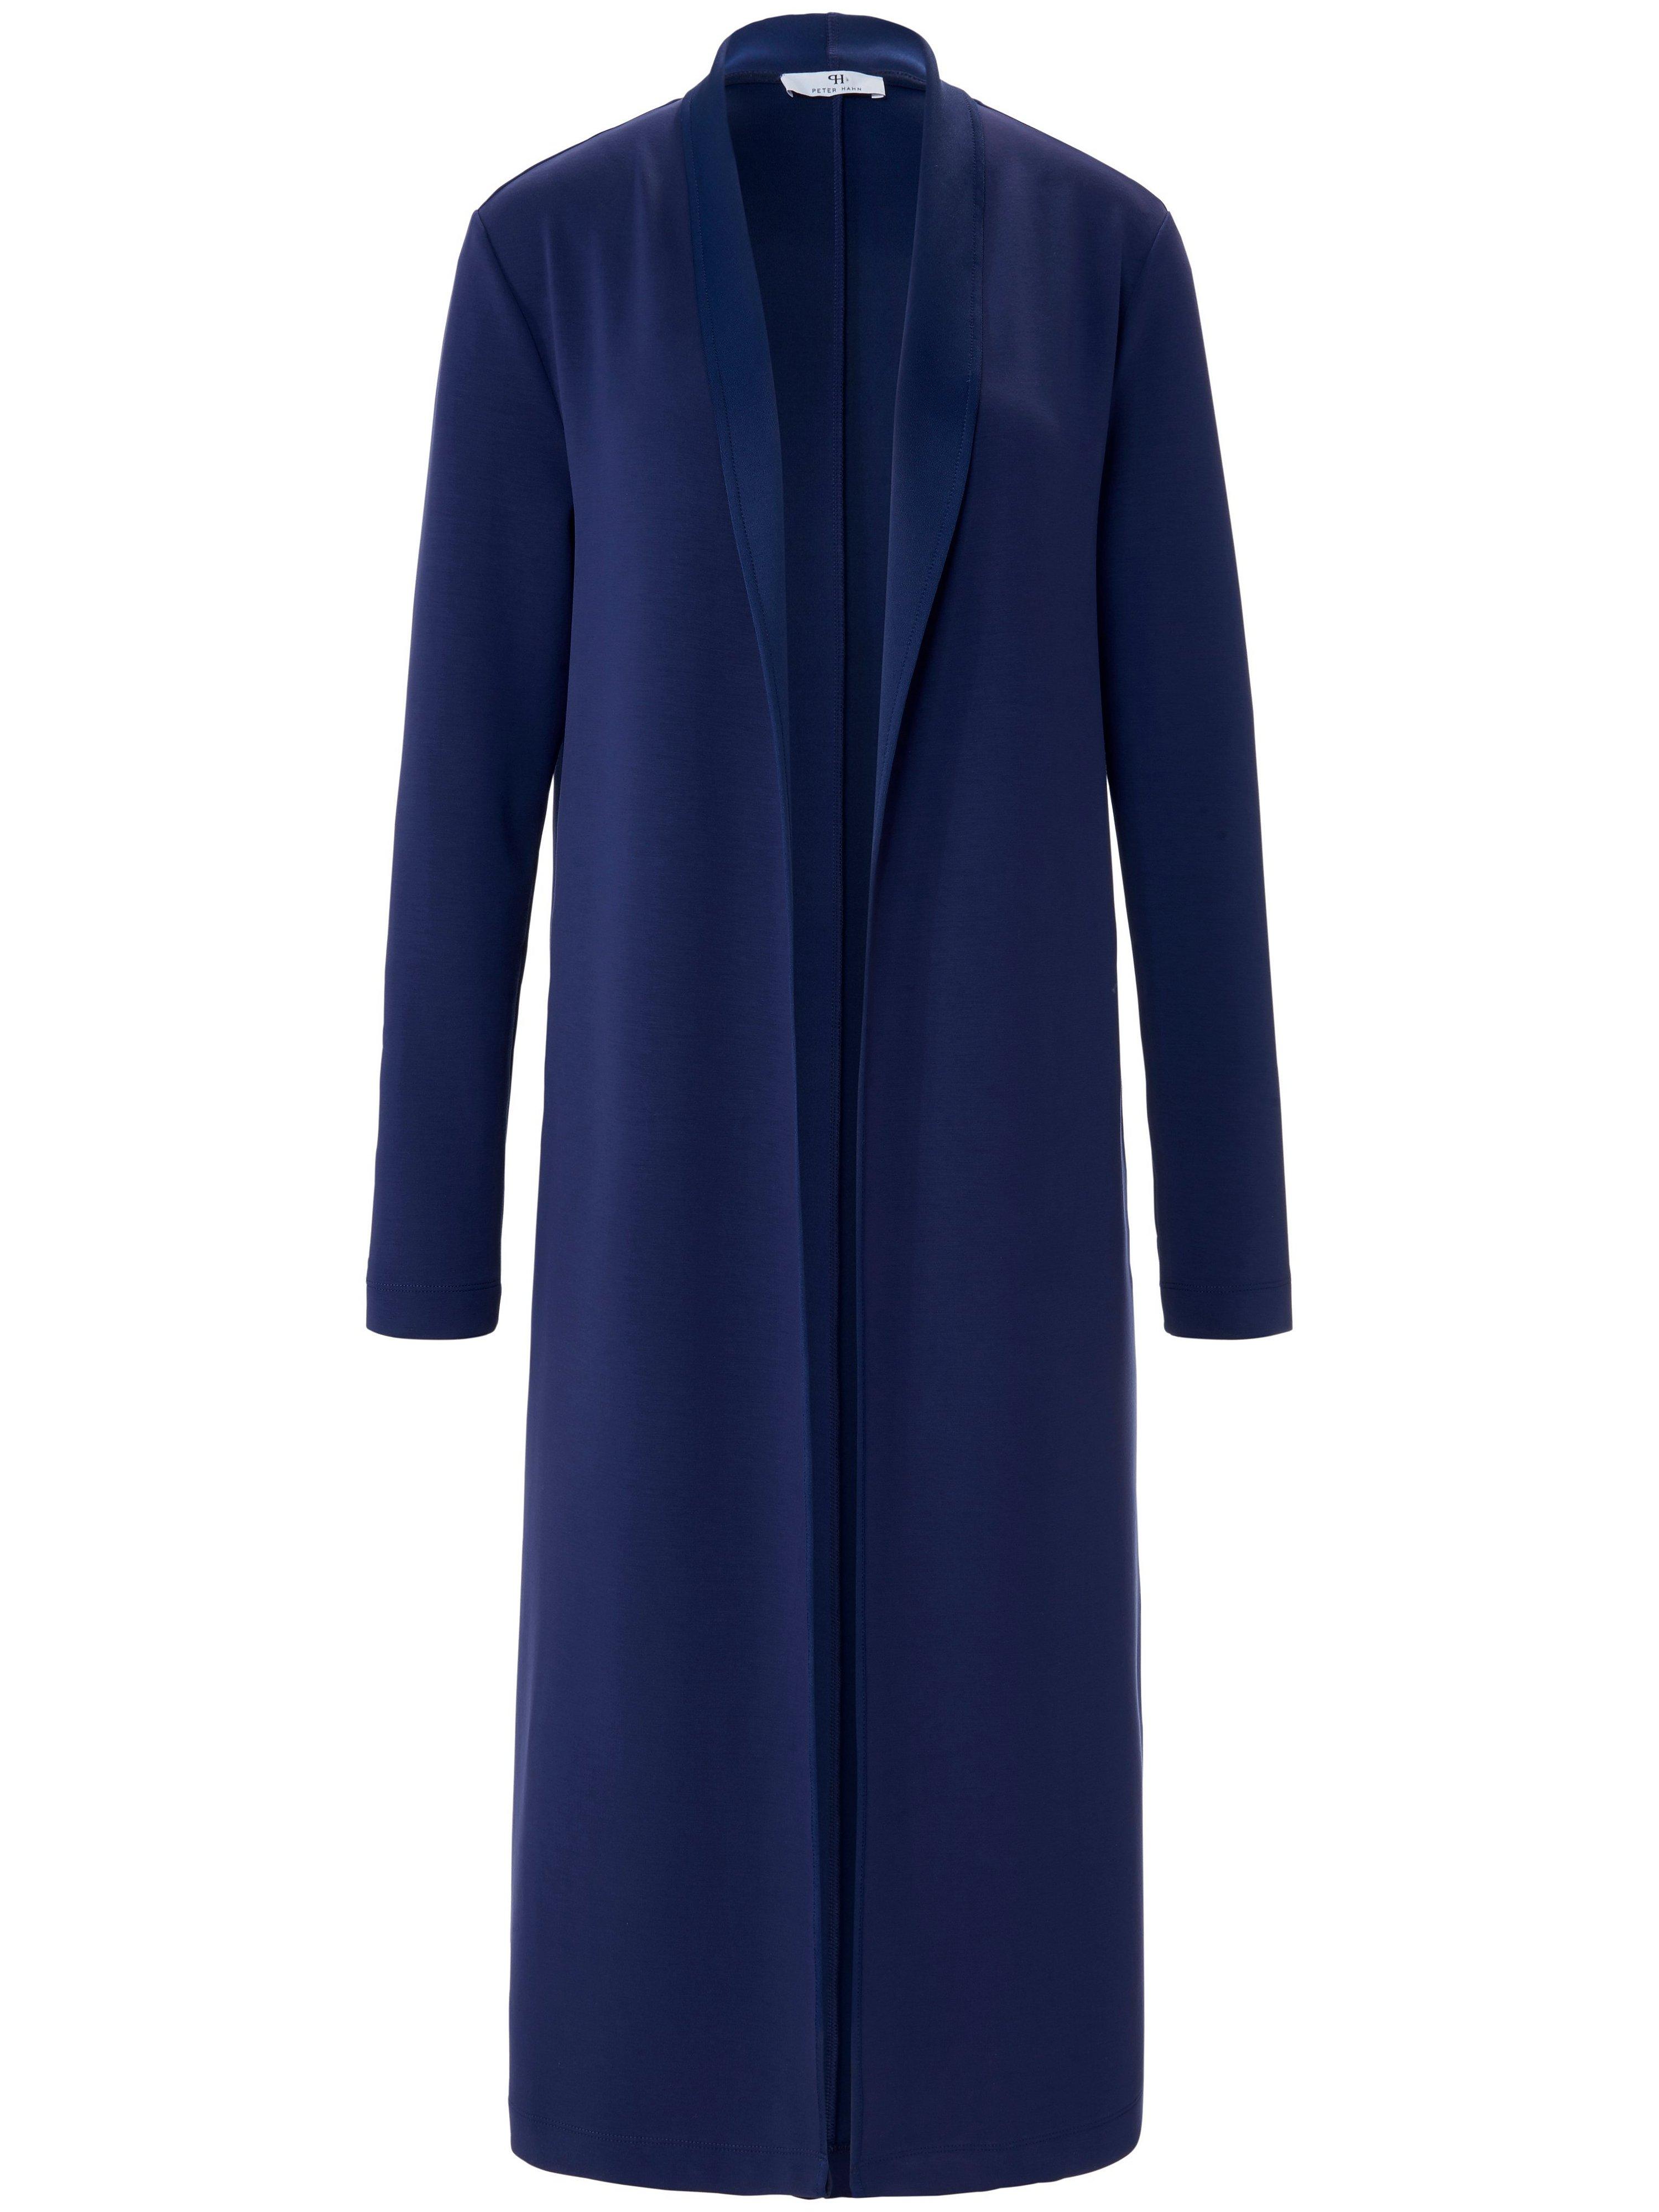 Le manteau jersey Scuba  Peter Hahn bleu taille 52